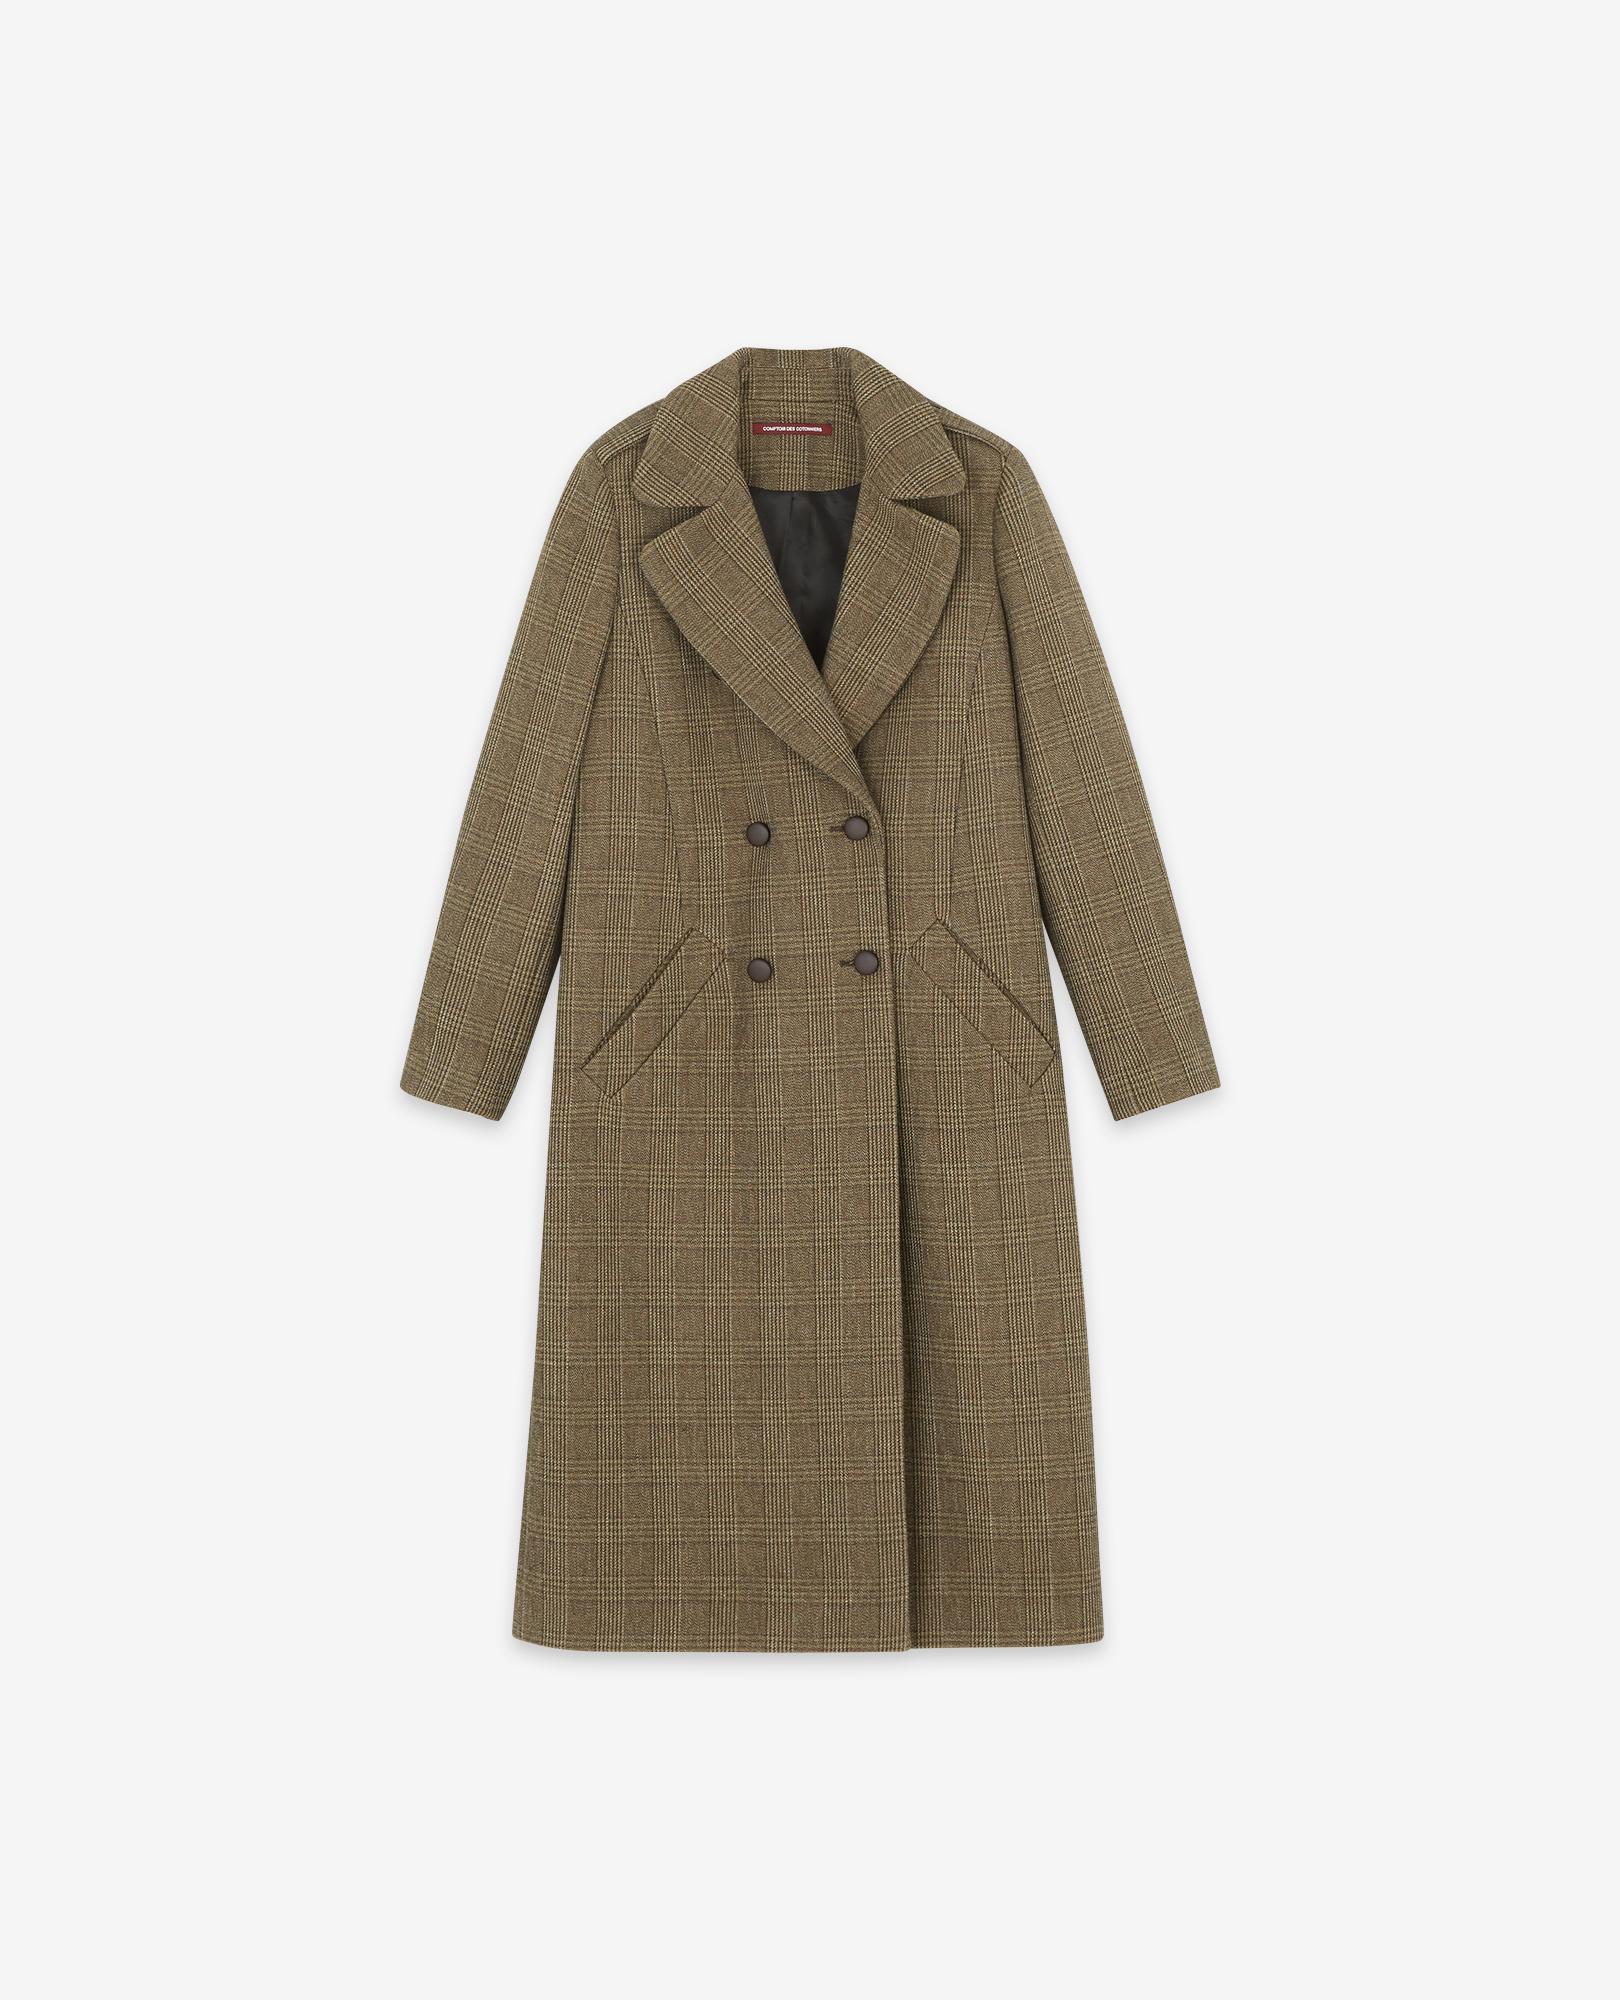 Soldes comptoir des cotonniers on shoppe quoi pendant les soldes d 39 hiver chez comptoir des - Comptoir des cordonniers ...